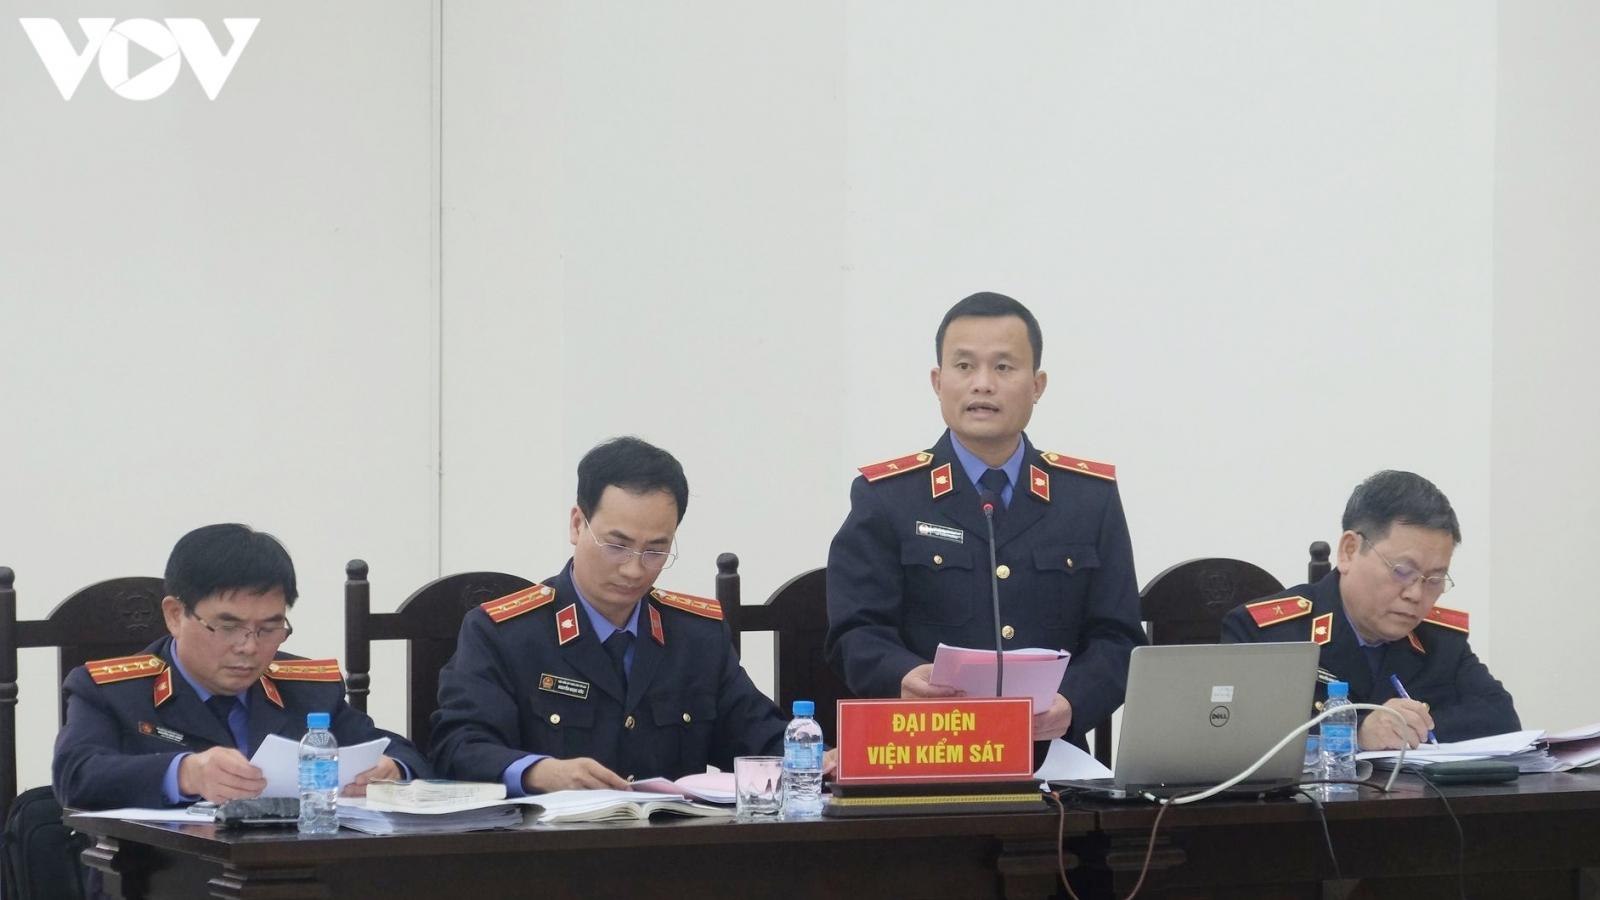 Viện Kiểm sát: Bị cáo Đinh La Thăng bỏ qua yếu tố năng lực nhà thầu